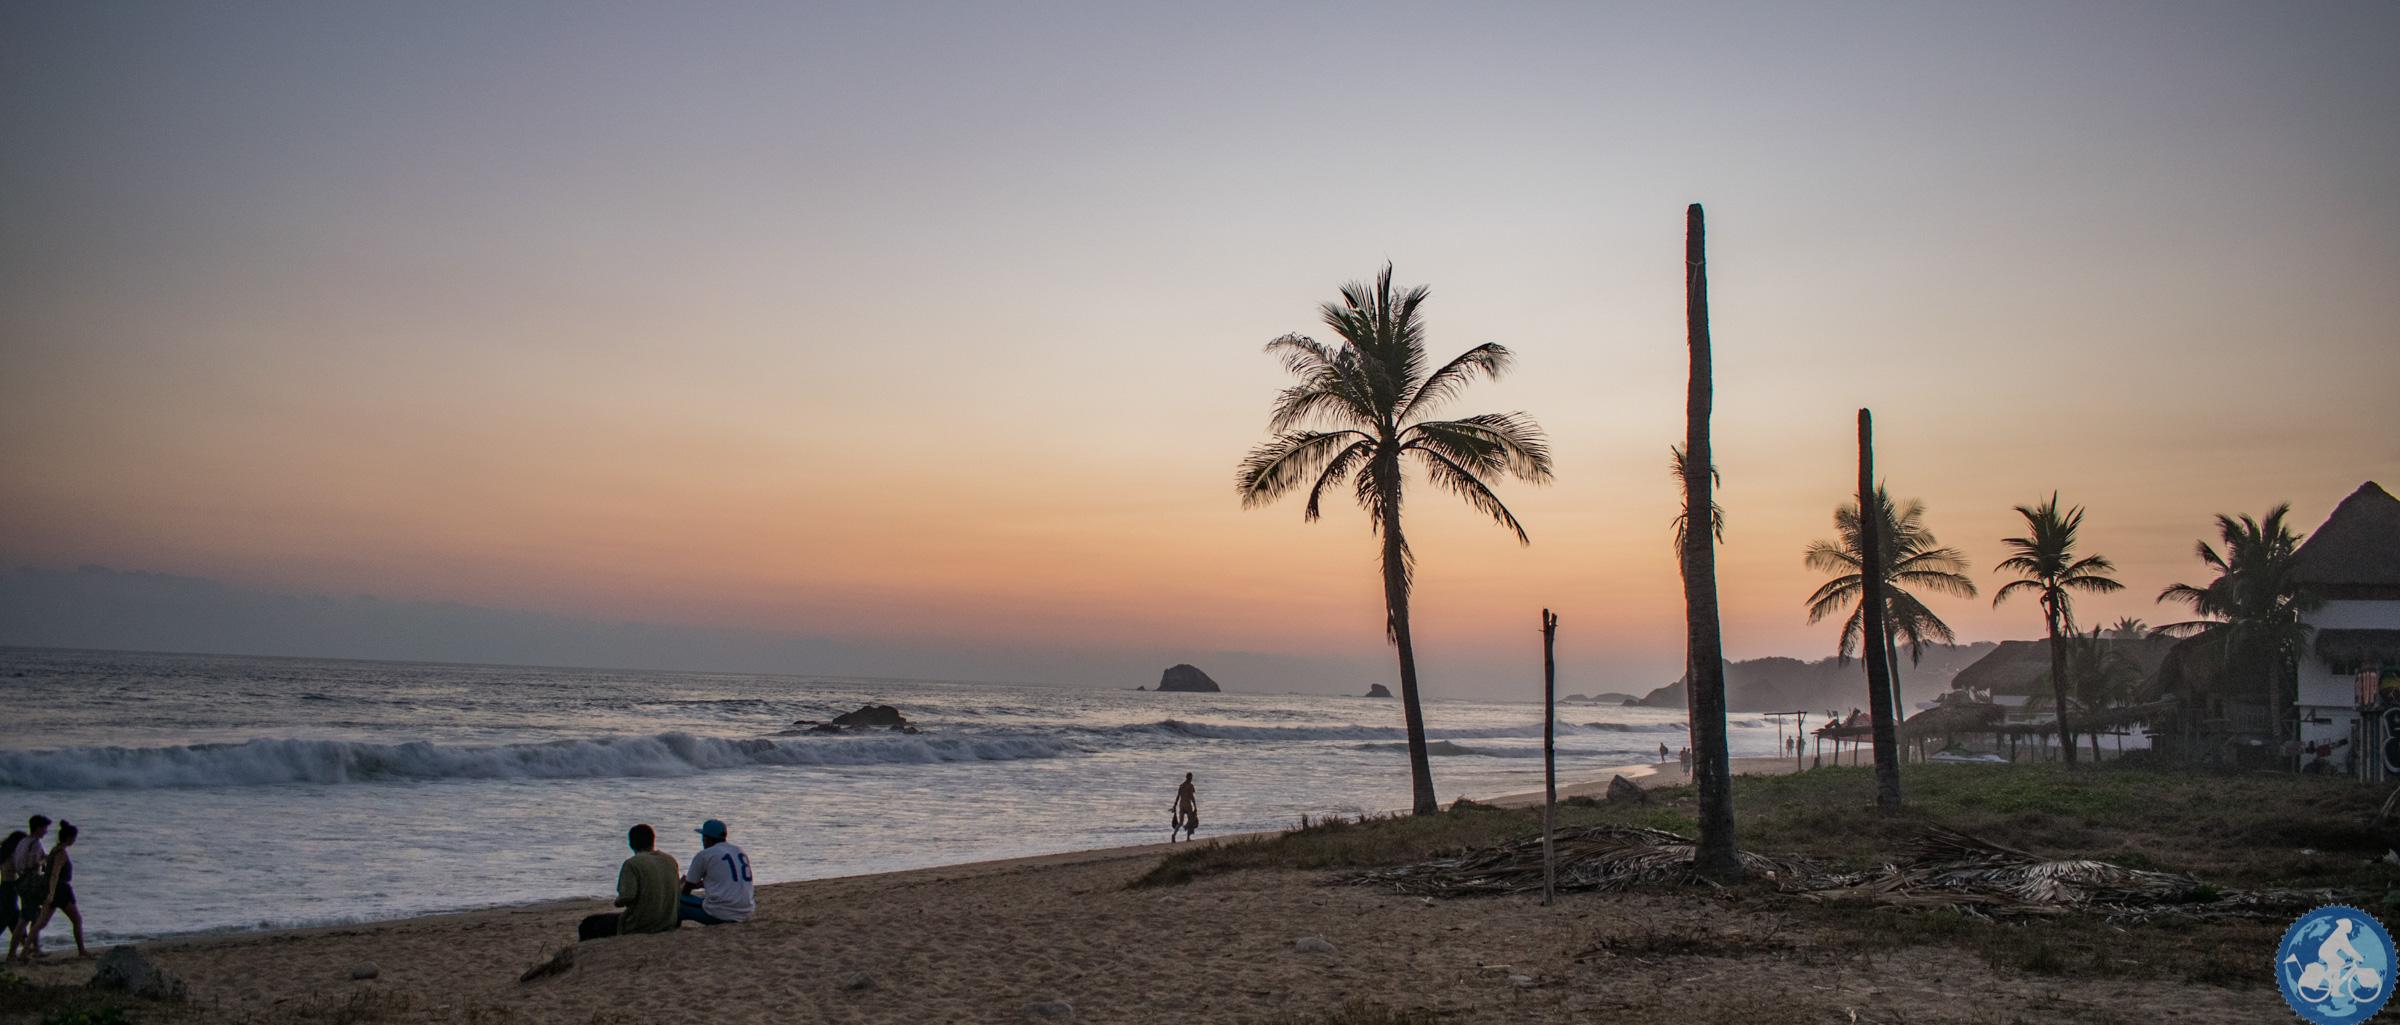 Oaxaca coast